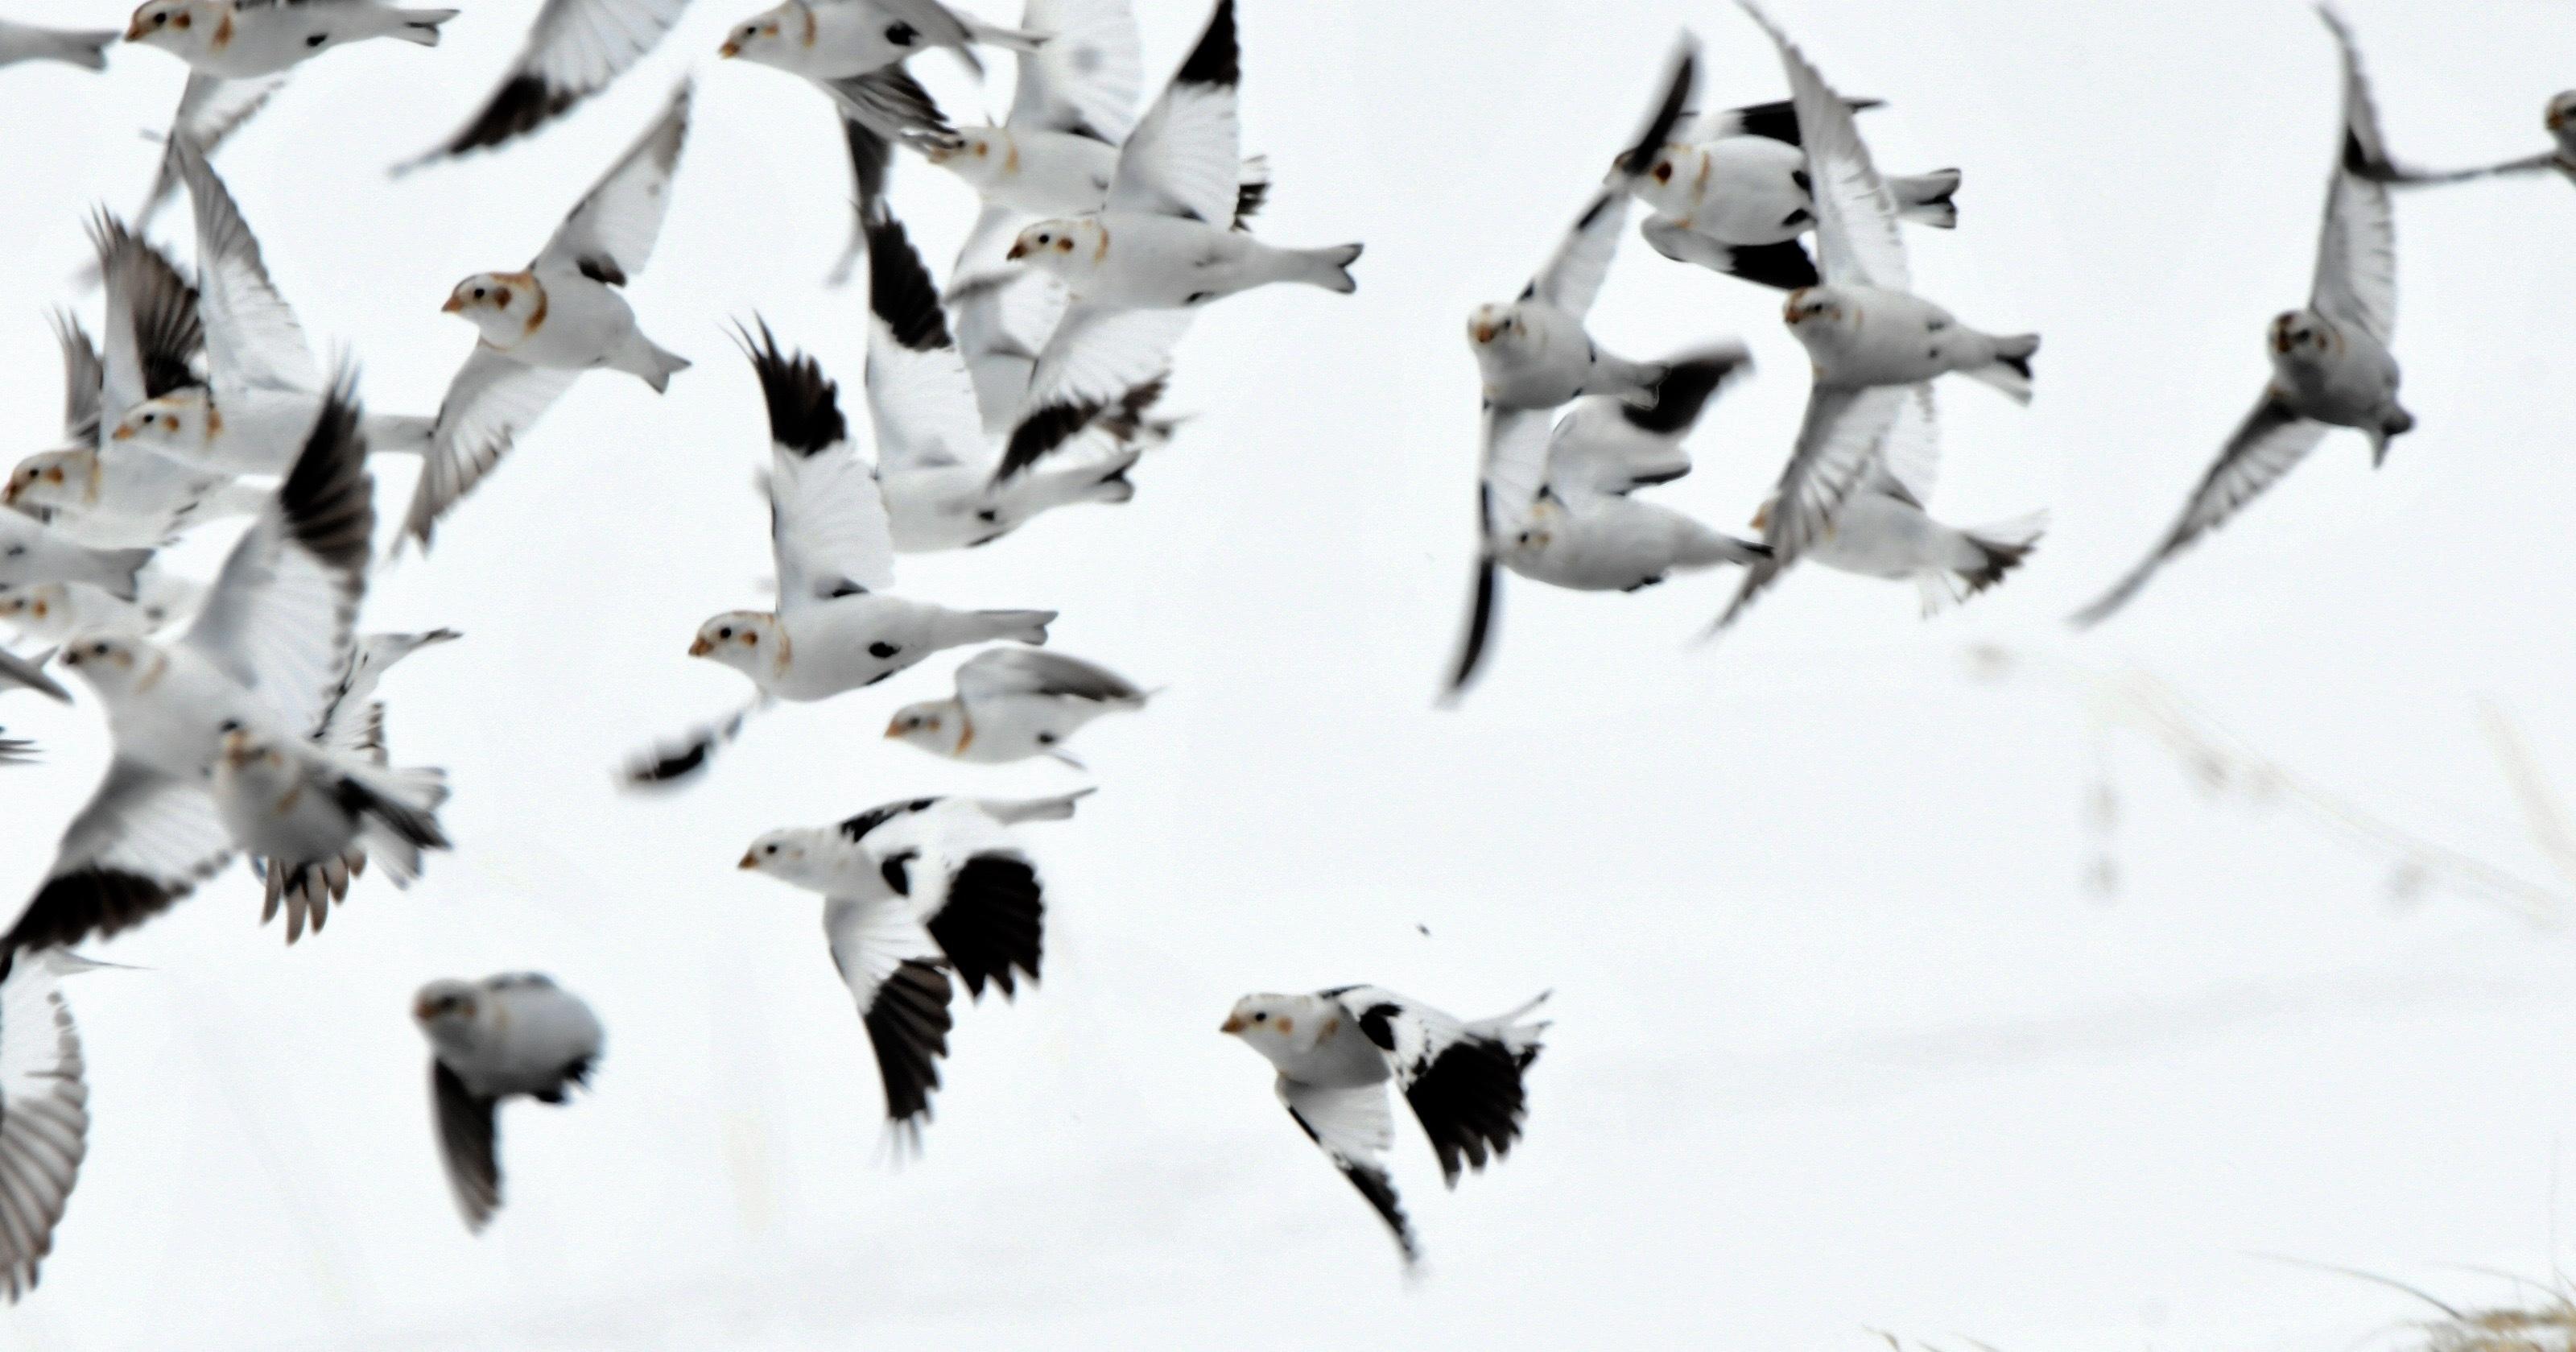 ユキホオジロ群れ飛翔3